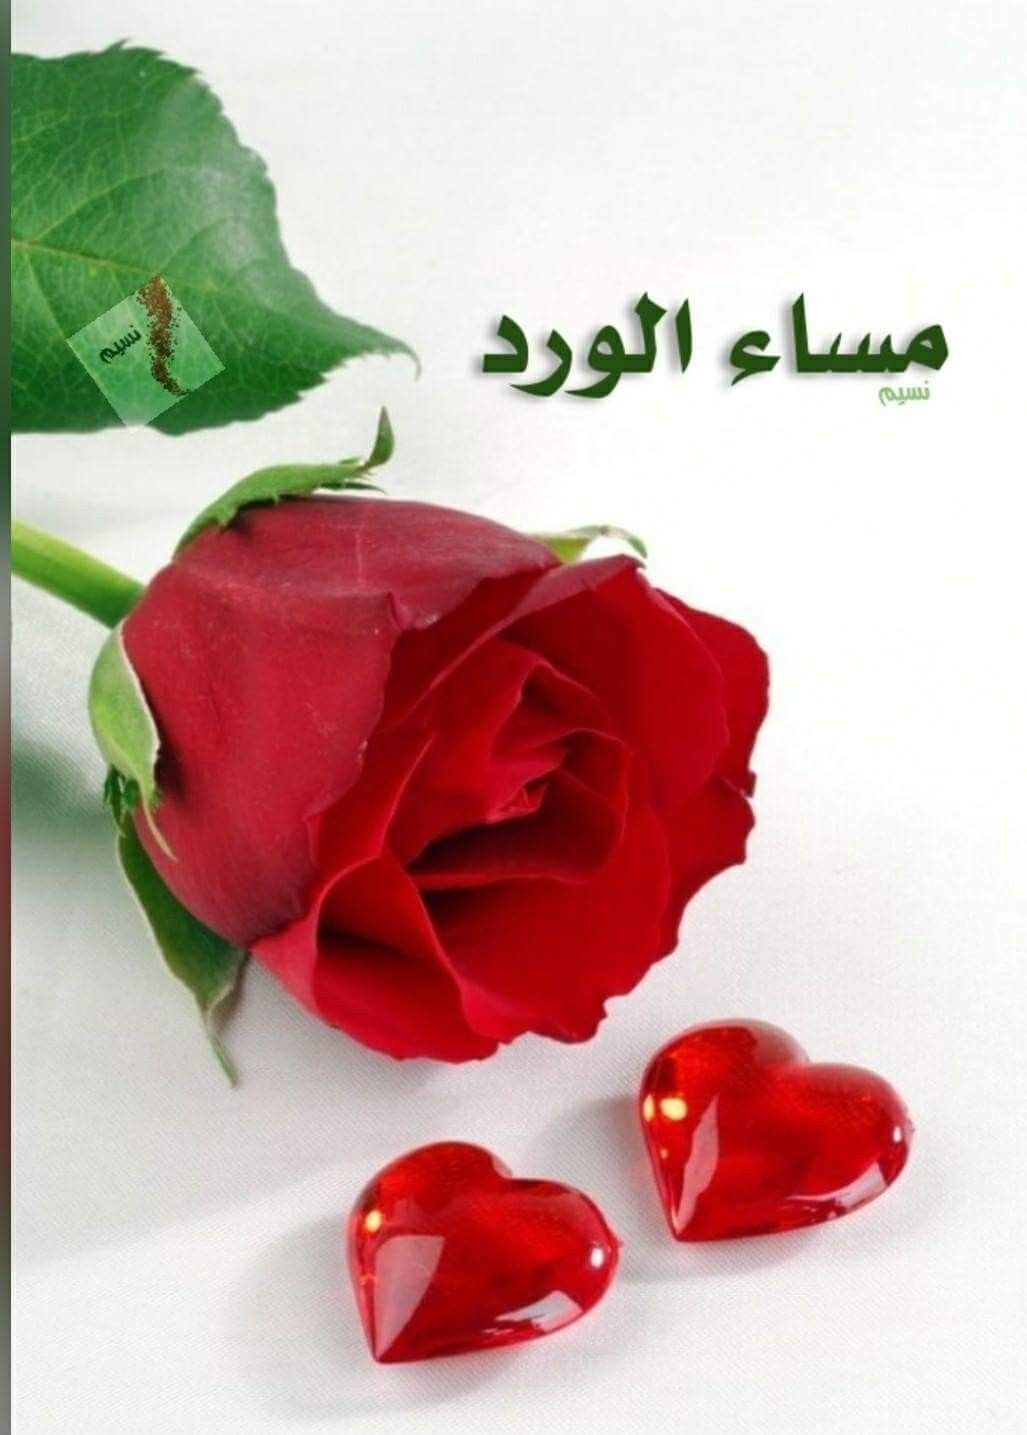 ولا أجمل من وردة تهدى ذات مساء تحمل معها عطرا خفيا يداعب القلب بأعذب الكلمات مساء ج Rosas Vermelhas Rosas Belos Jardins